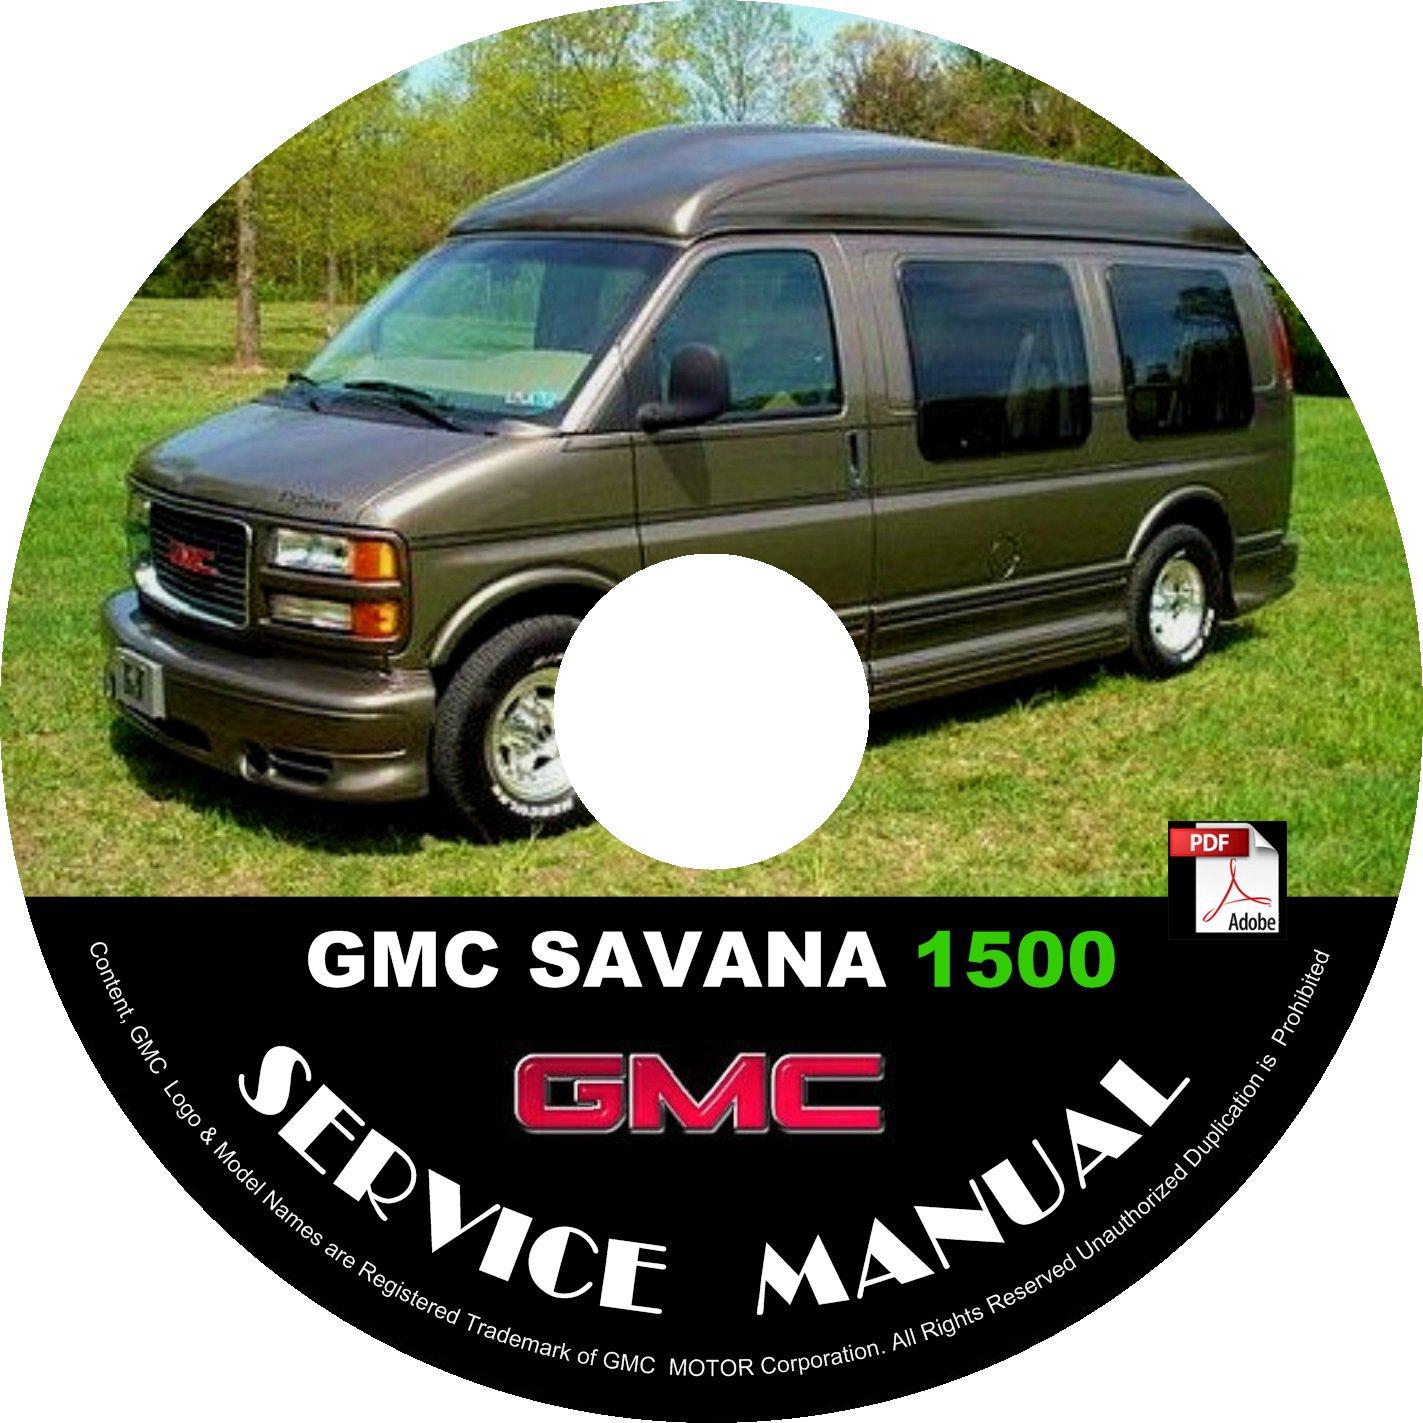 1996 GMC Savana 1500 G1500 Service Repair Shop Manual on CD 96 Fix Repair Rebuild Workshop Guide